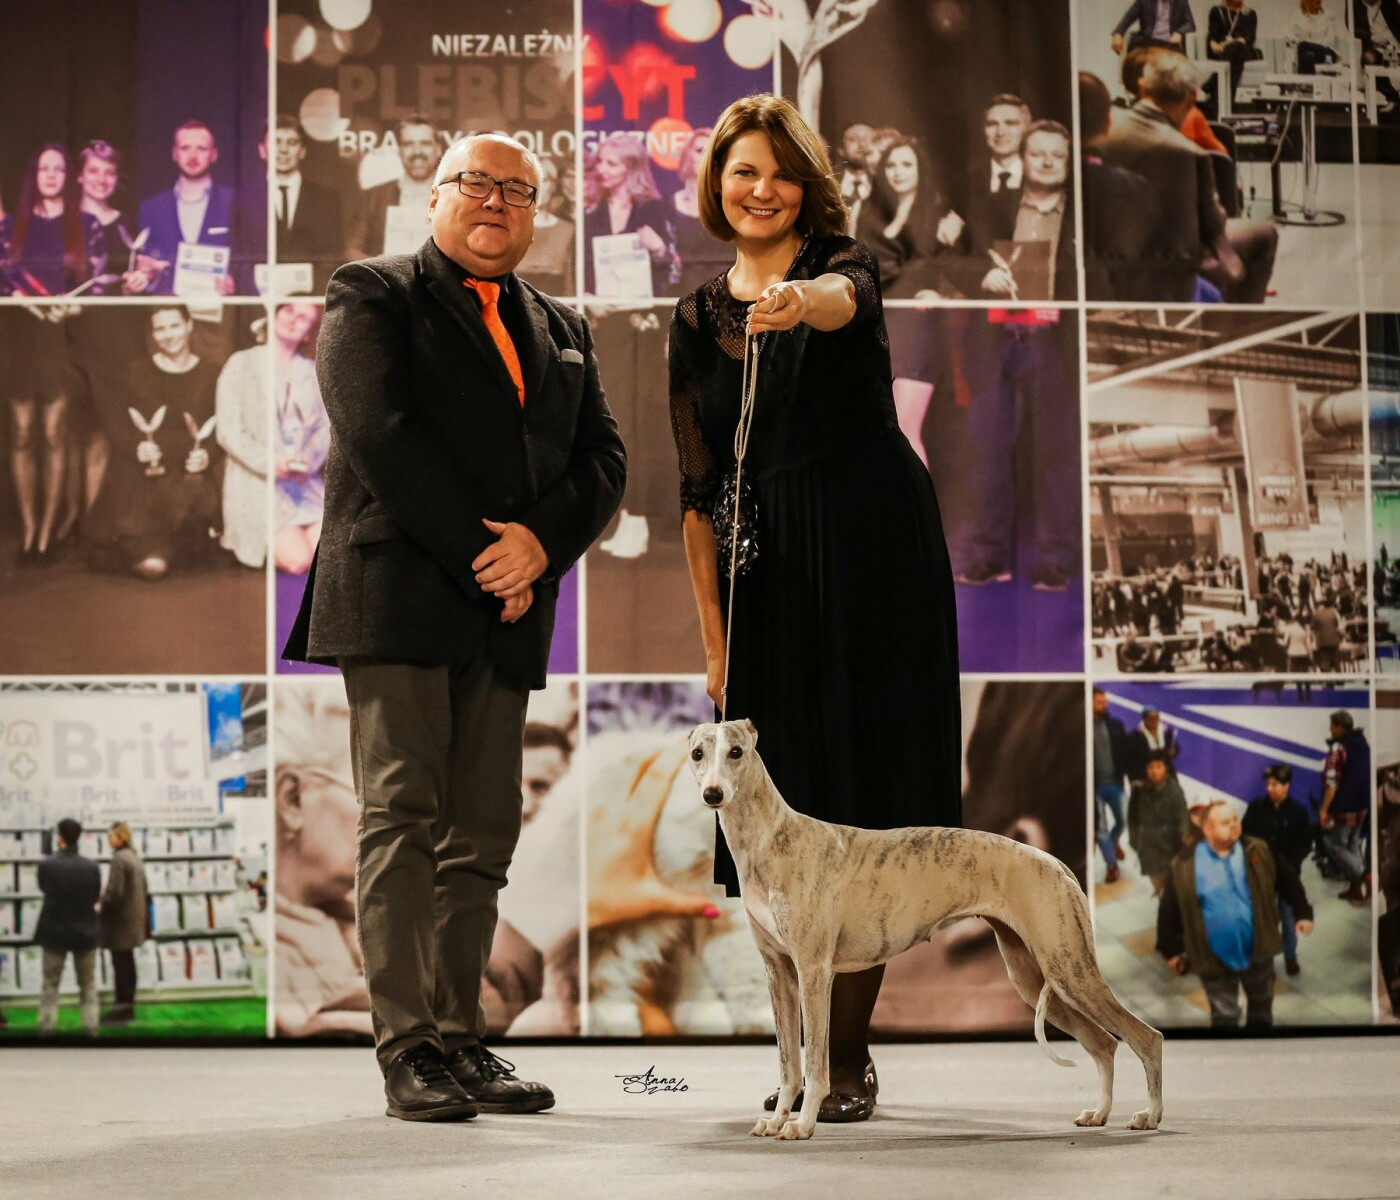 Palangiškė šunų veisėja skynė laurus Europos čempionate, nuotrauka-1